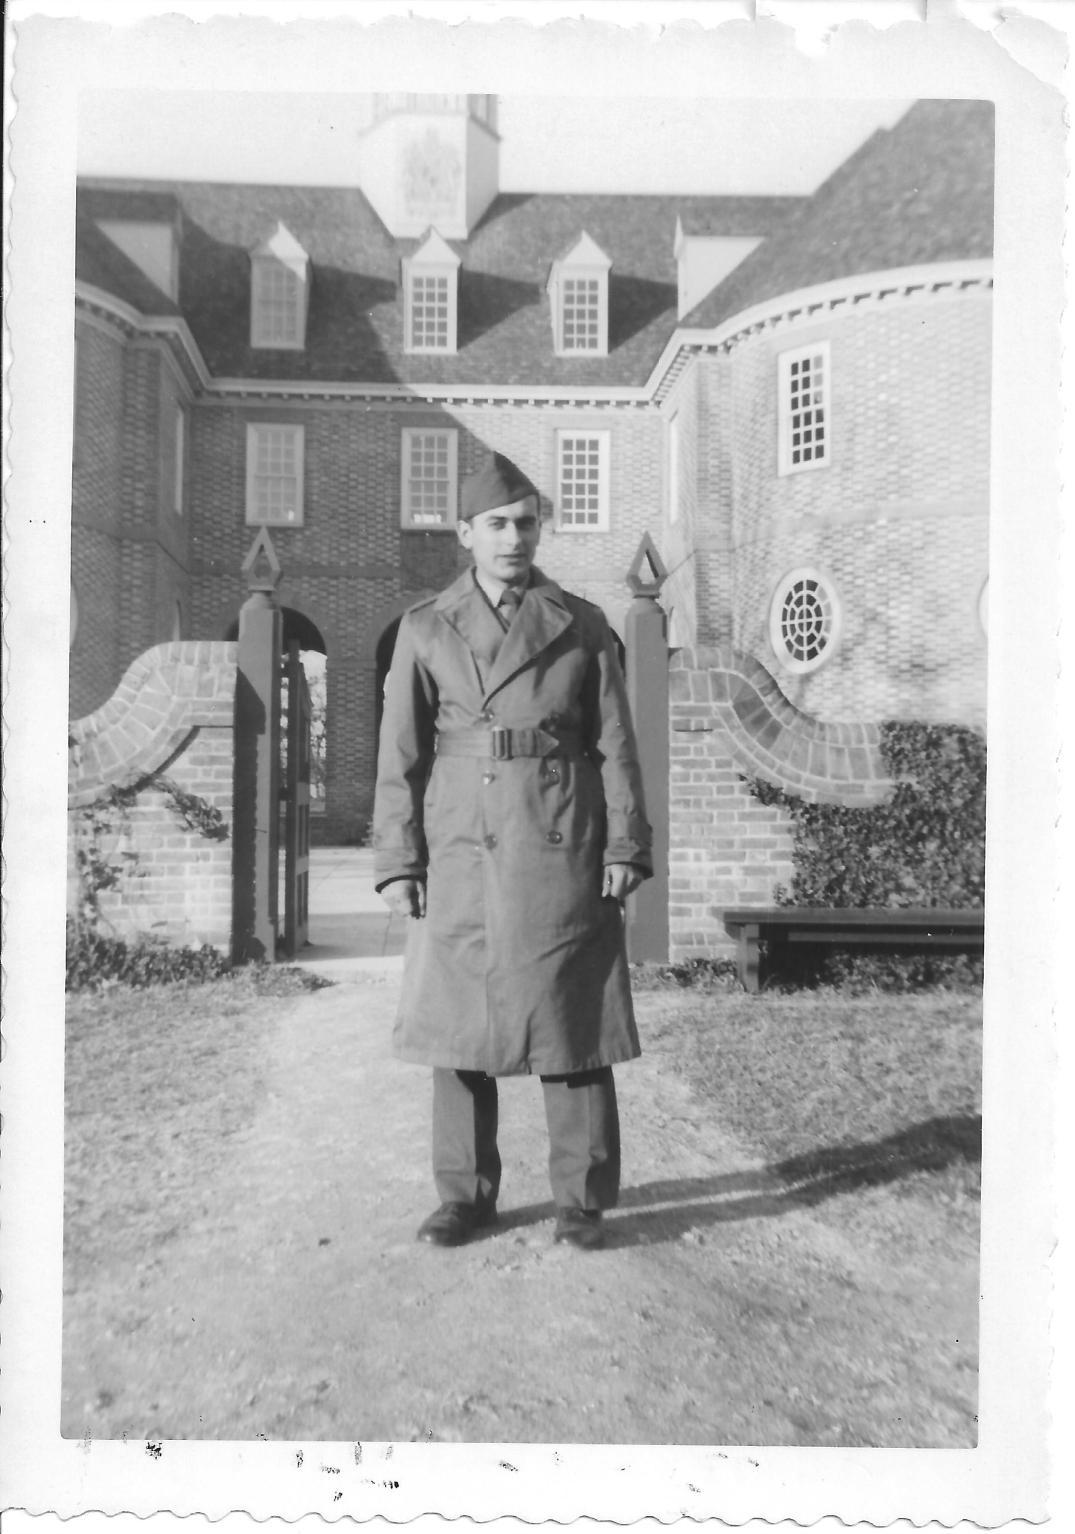 32 MASH Williamsburg, VA 1952